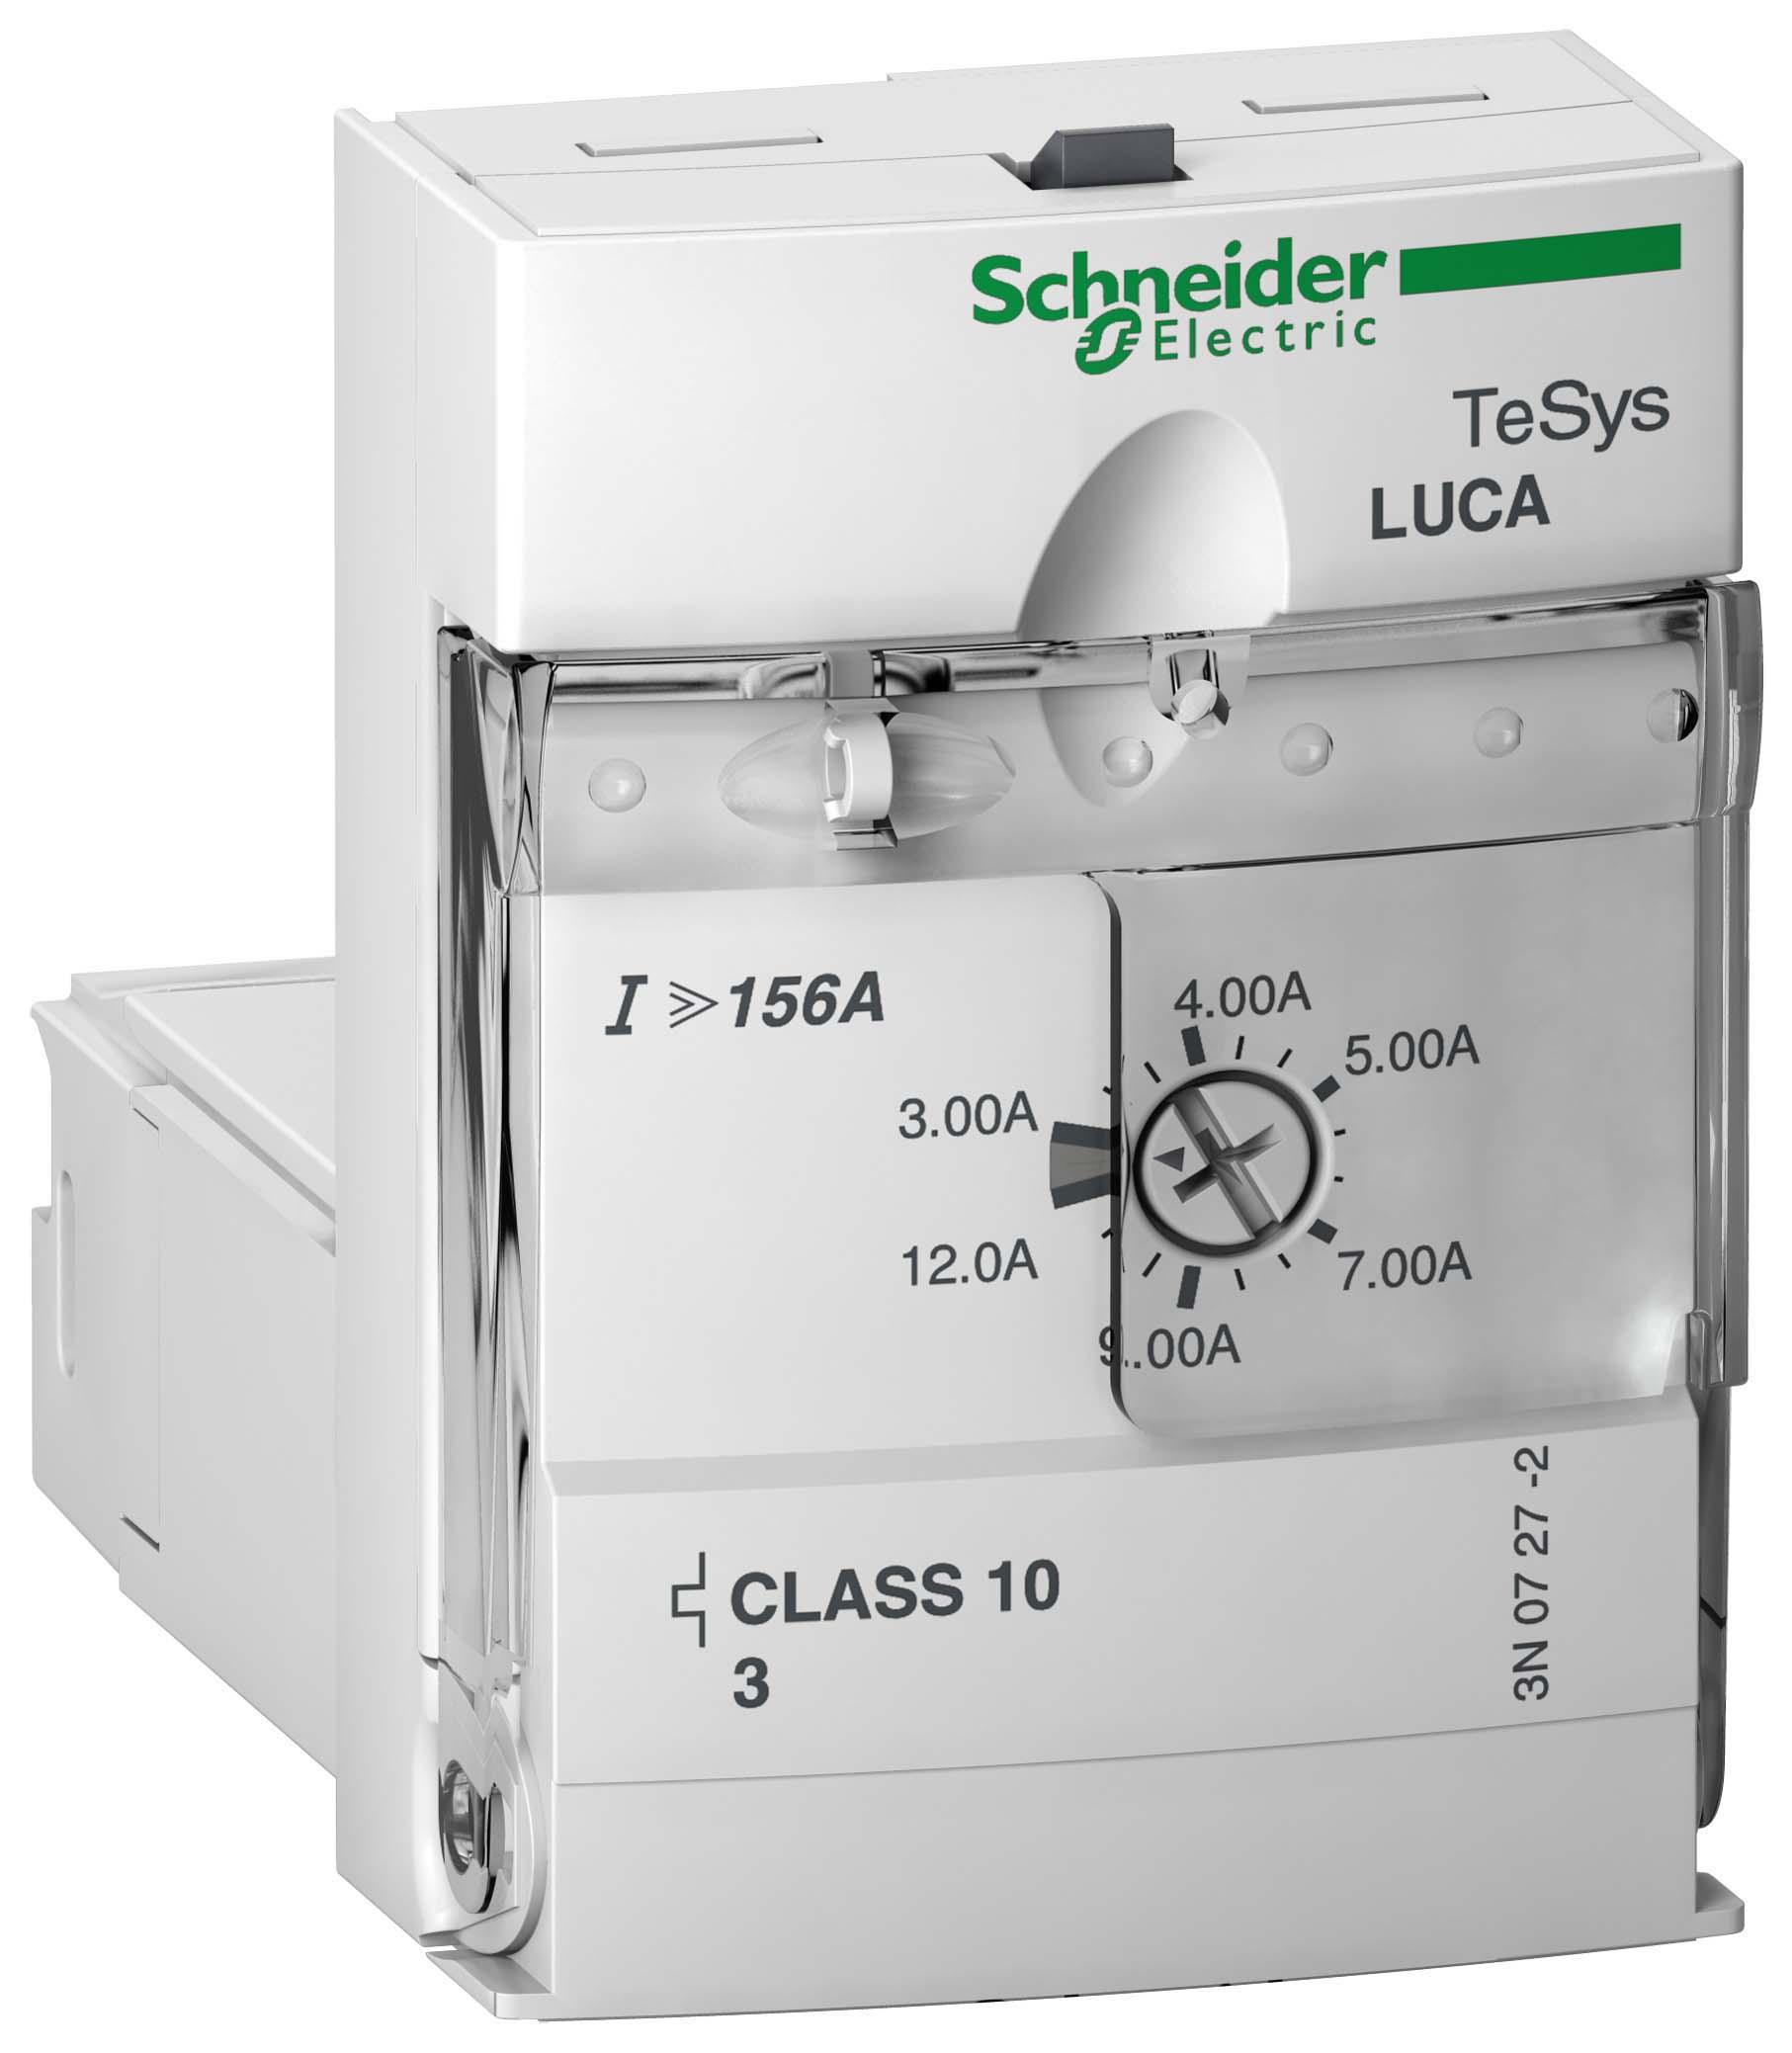 Блок управления стандартный 3-12A 110-240V CL10 3P для Tesys U LUCA12FU Schneider Electric